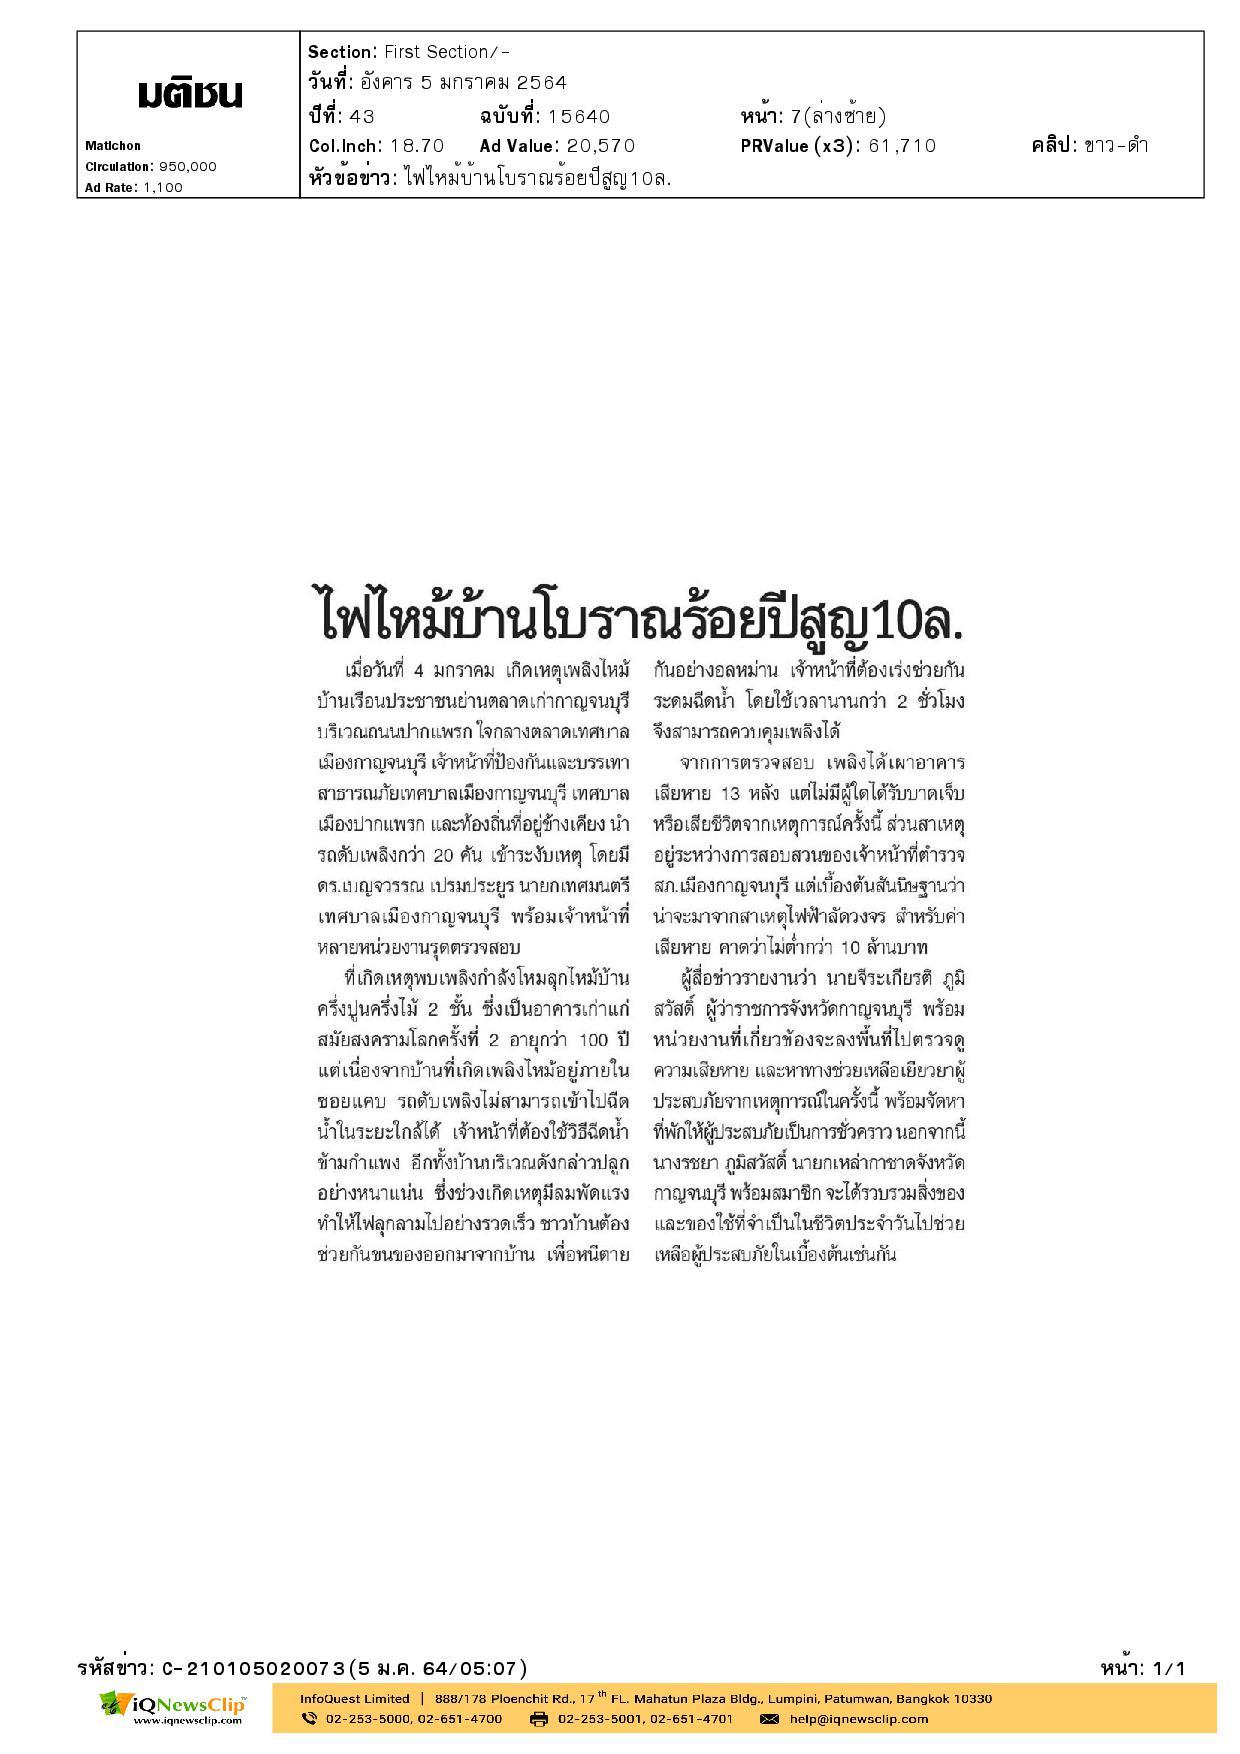 นายกเหล่ากาชาด จ.กาญจนบุรี เร่งให้ความช่วยเหลือประชาชนหลังเกิดเหตุเพลิงไหม้